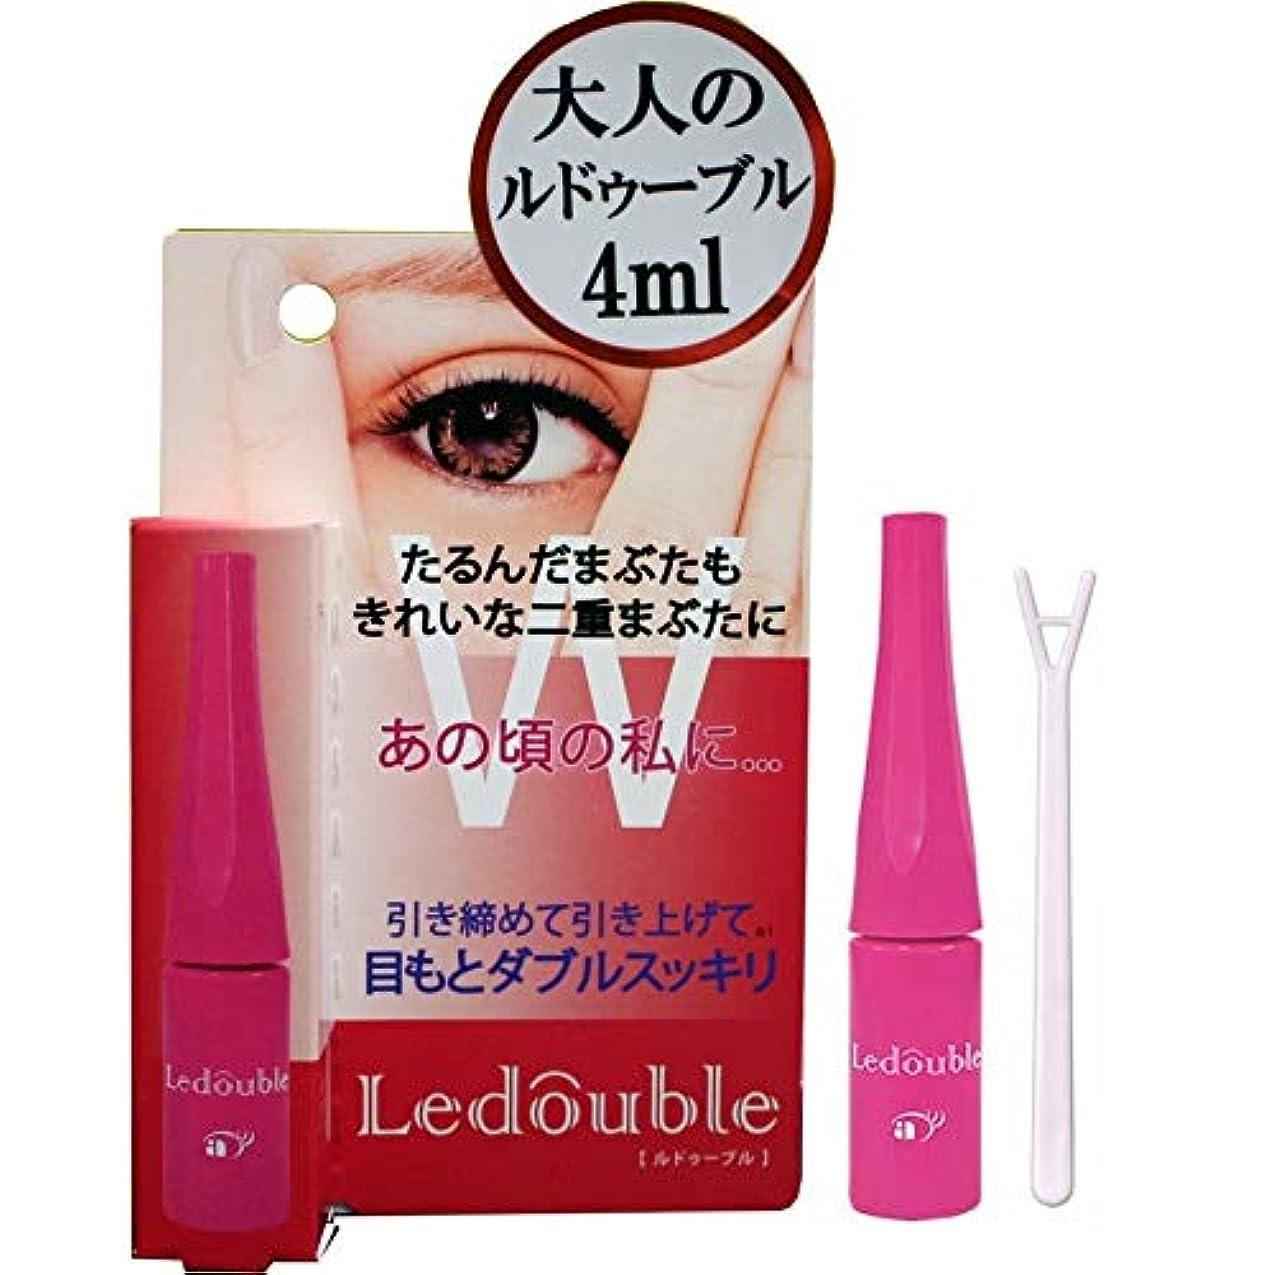 パンフレット誤解させるデータベース大人のLedouble [大人のルドゥーブル] 二重まぶた化粧品 (4mL)